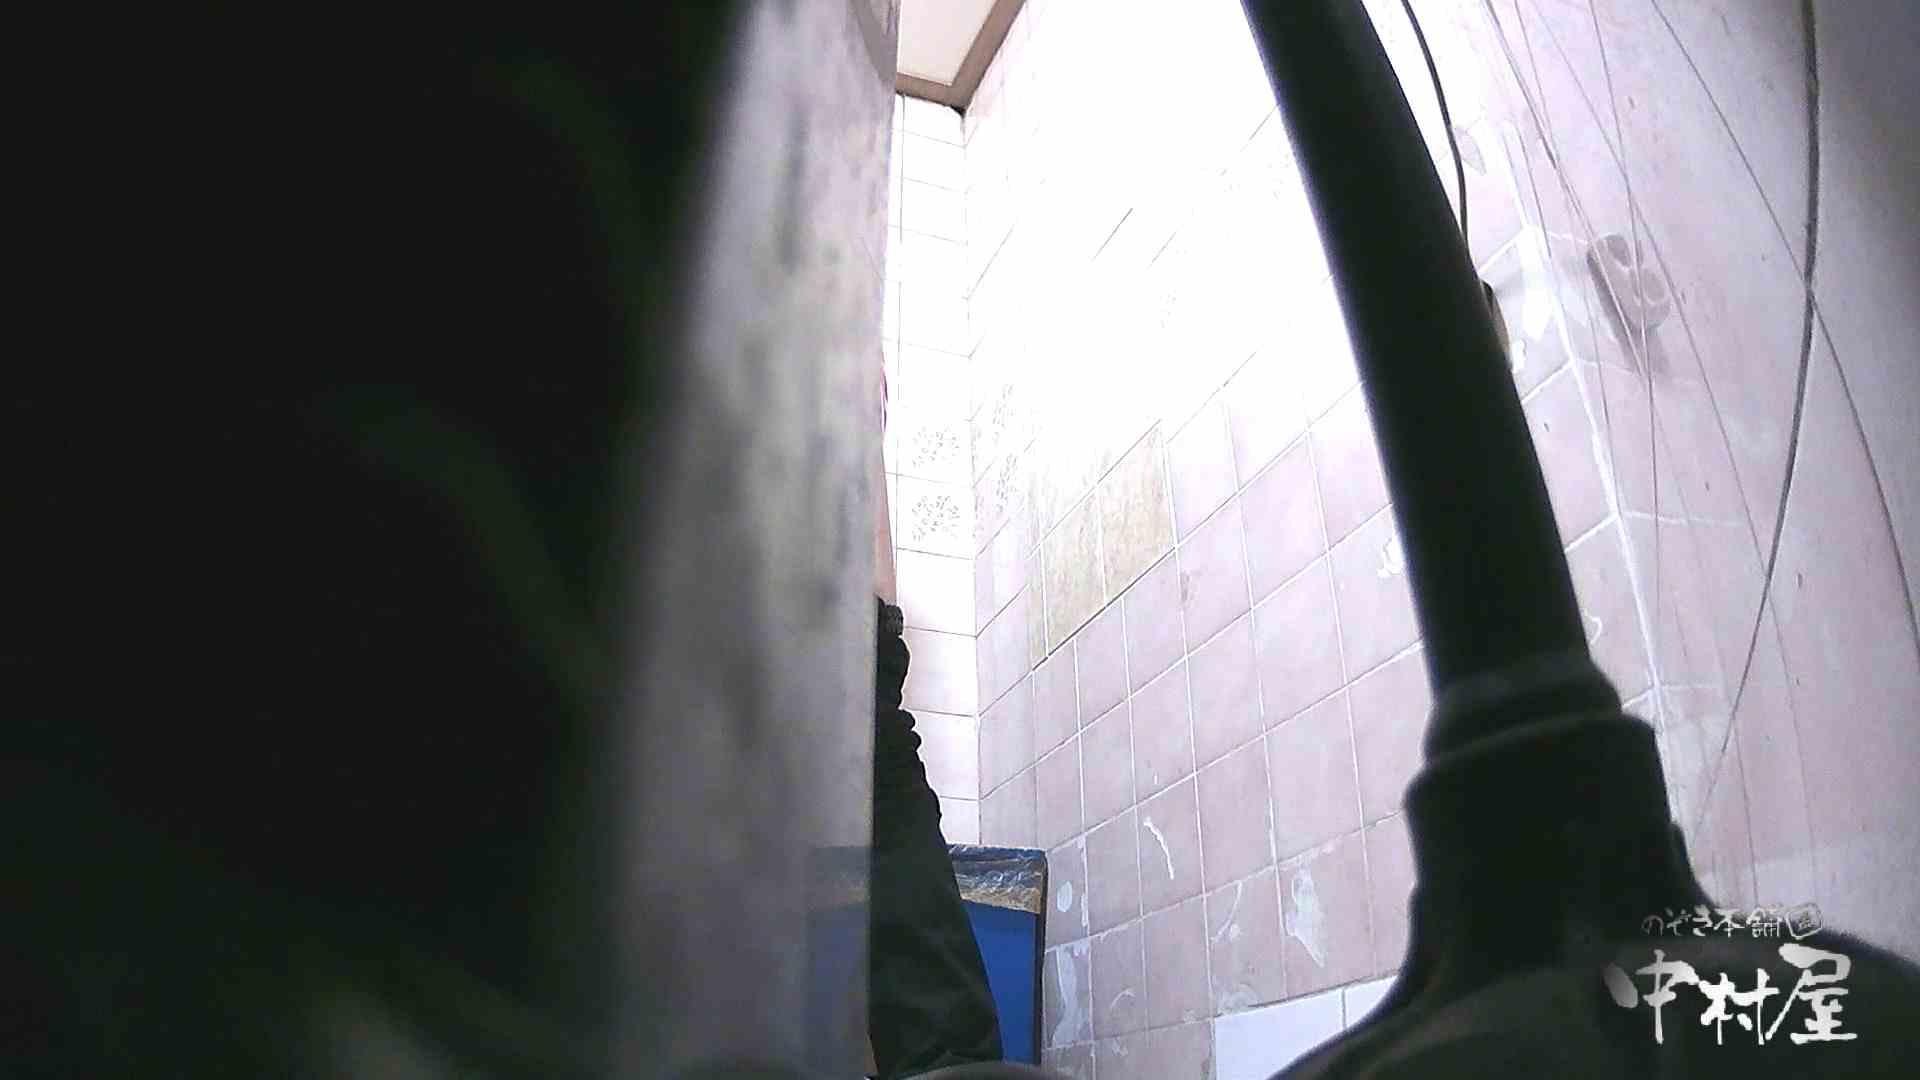 韓流トイレ盗撮vol.10 盗撮シリーズ エロ画像 79PIX 74